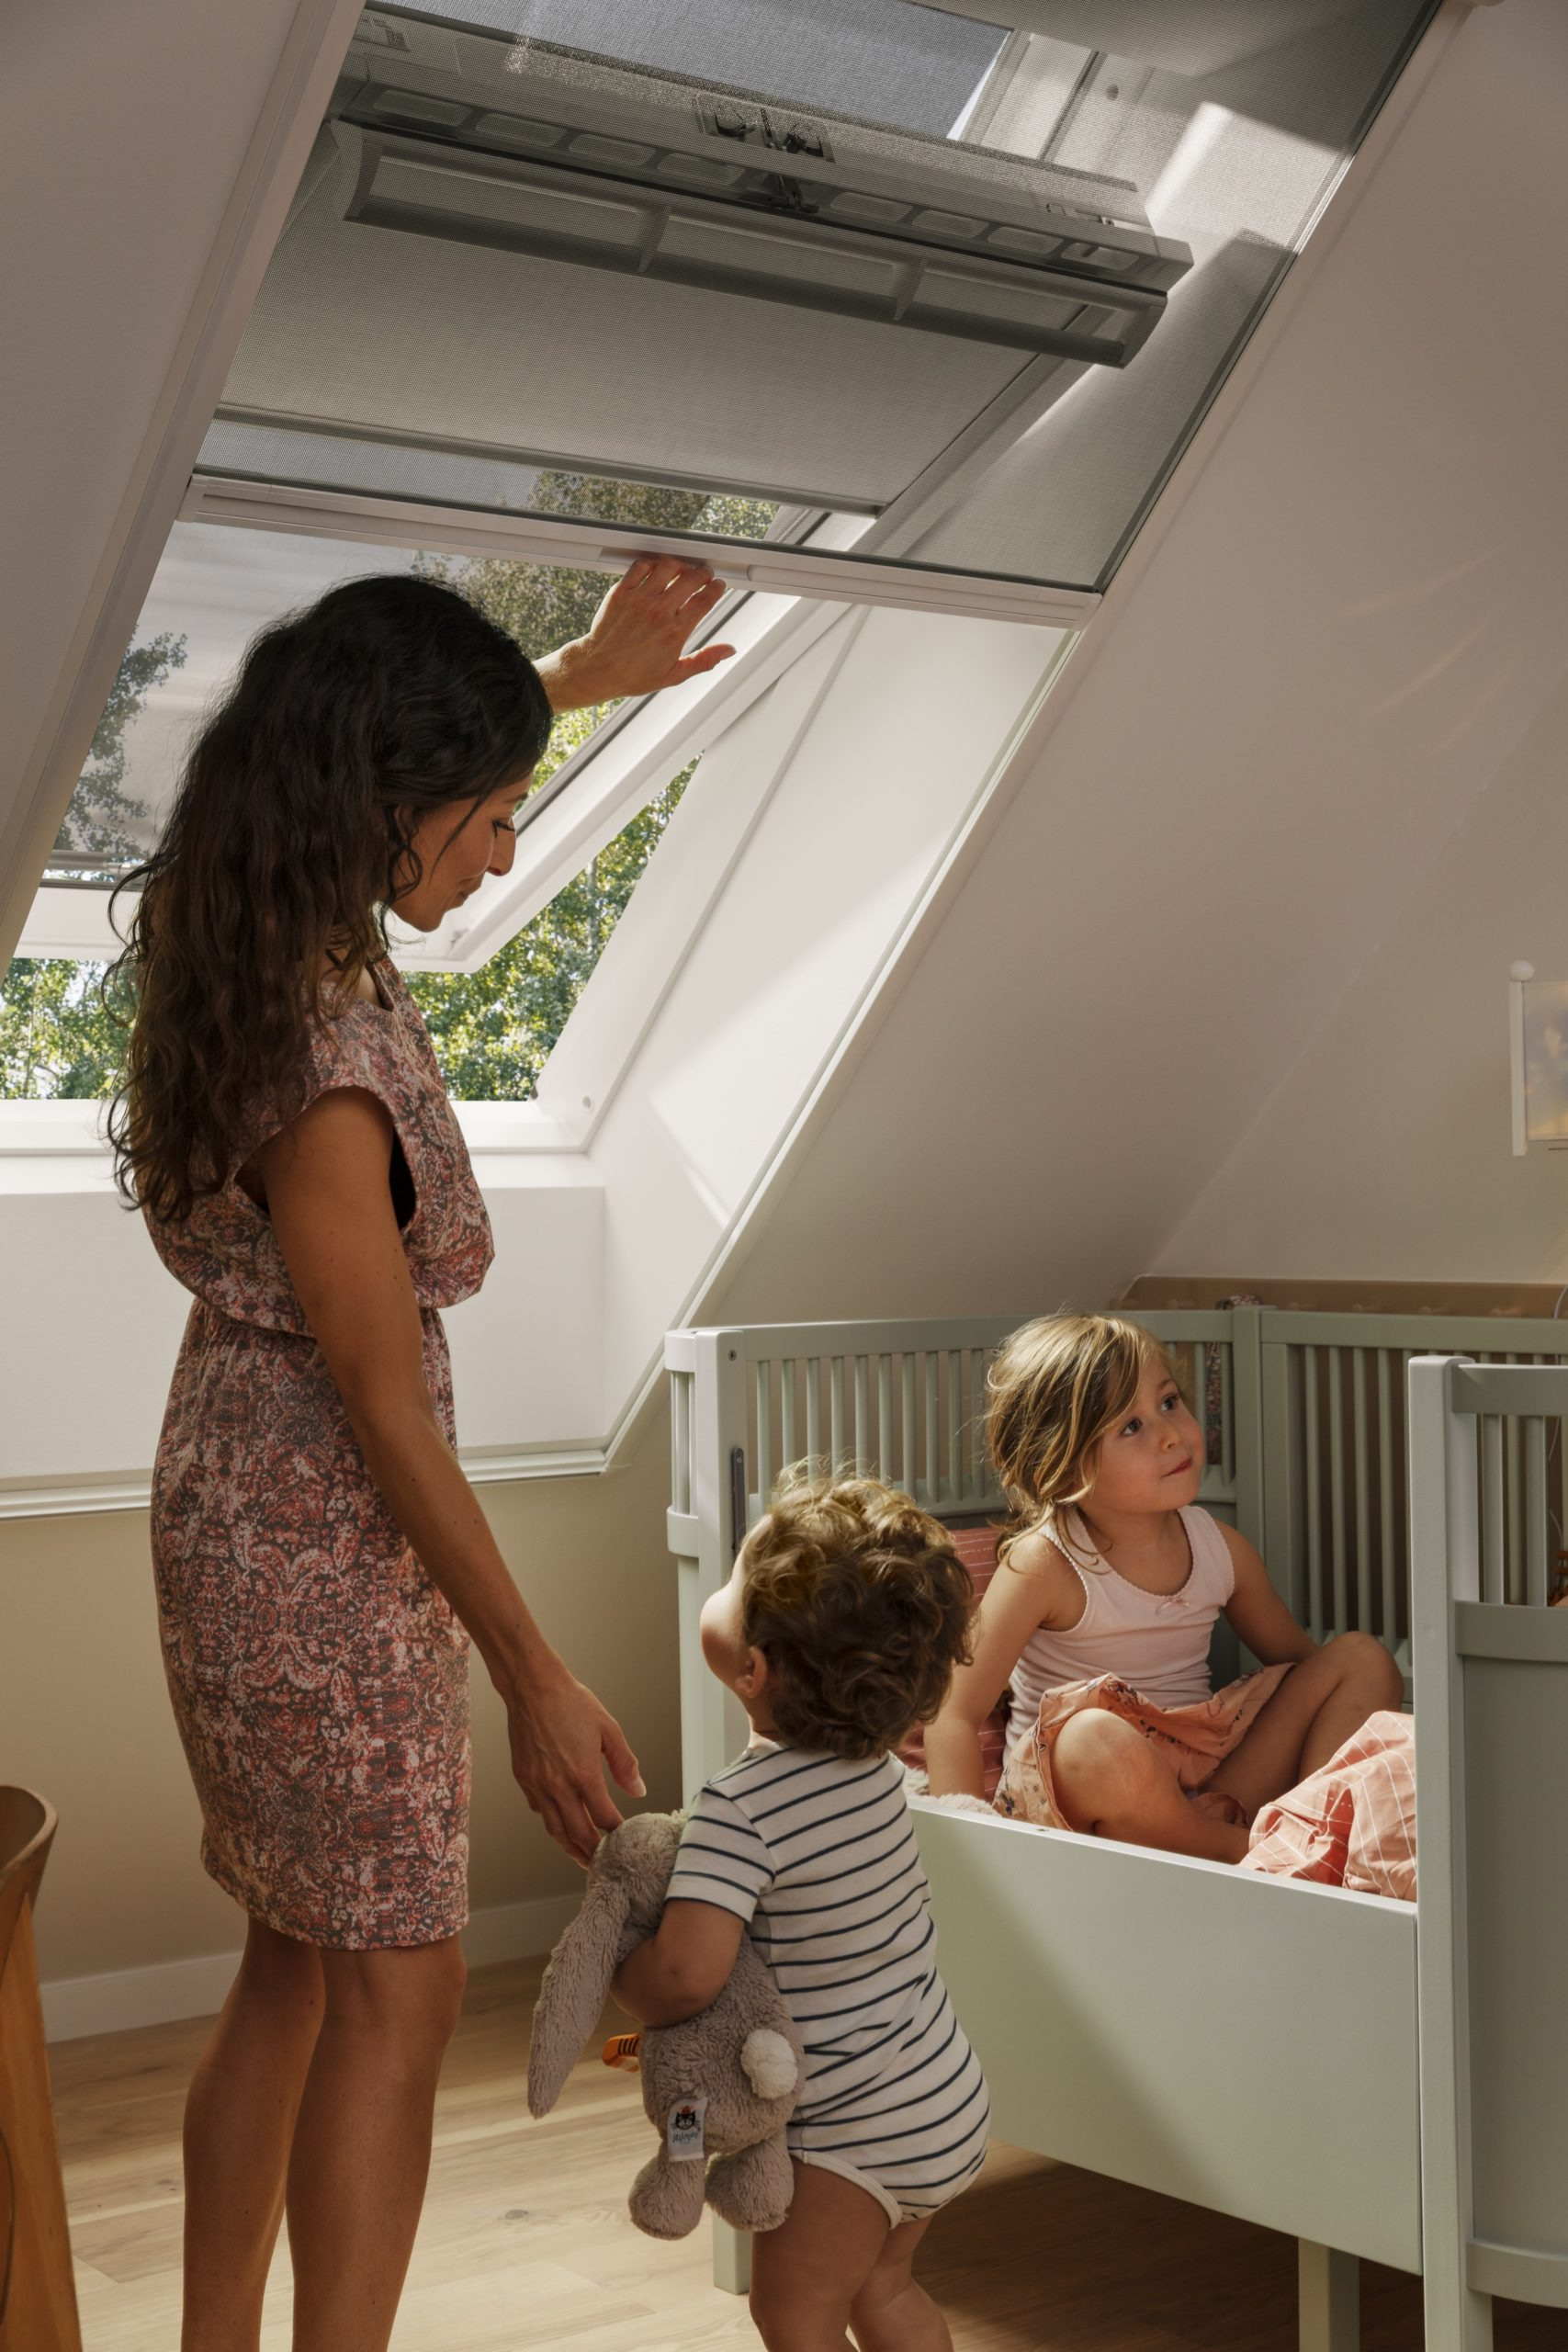 Vnitřní roleta v dětském pokoji